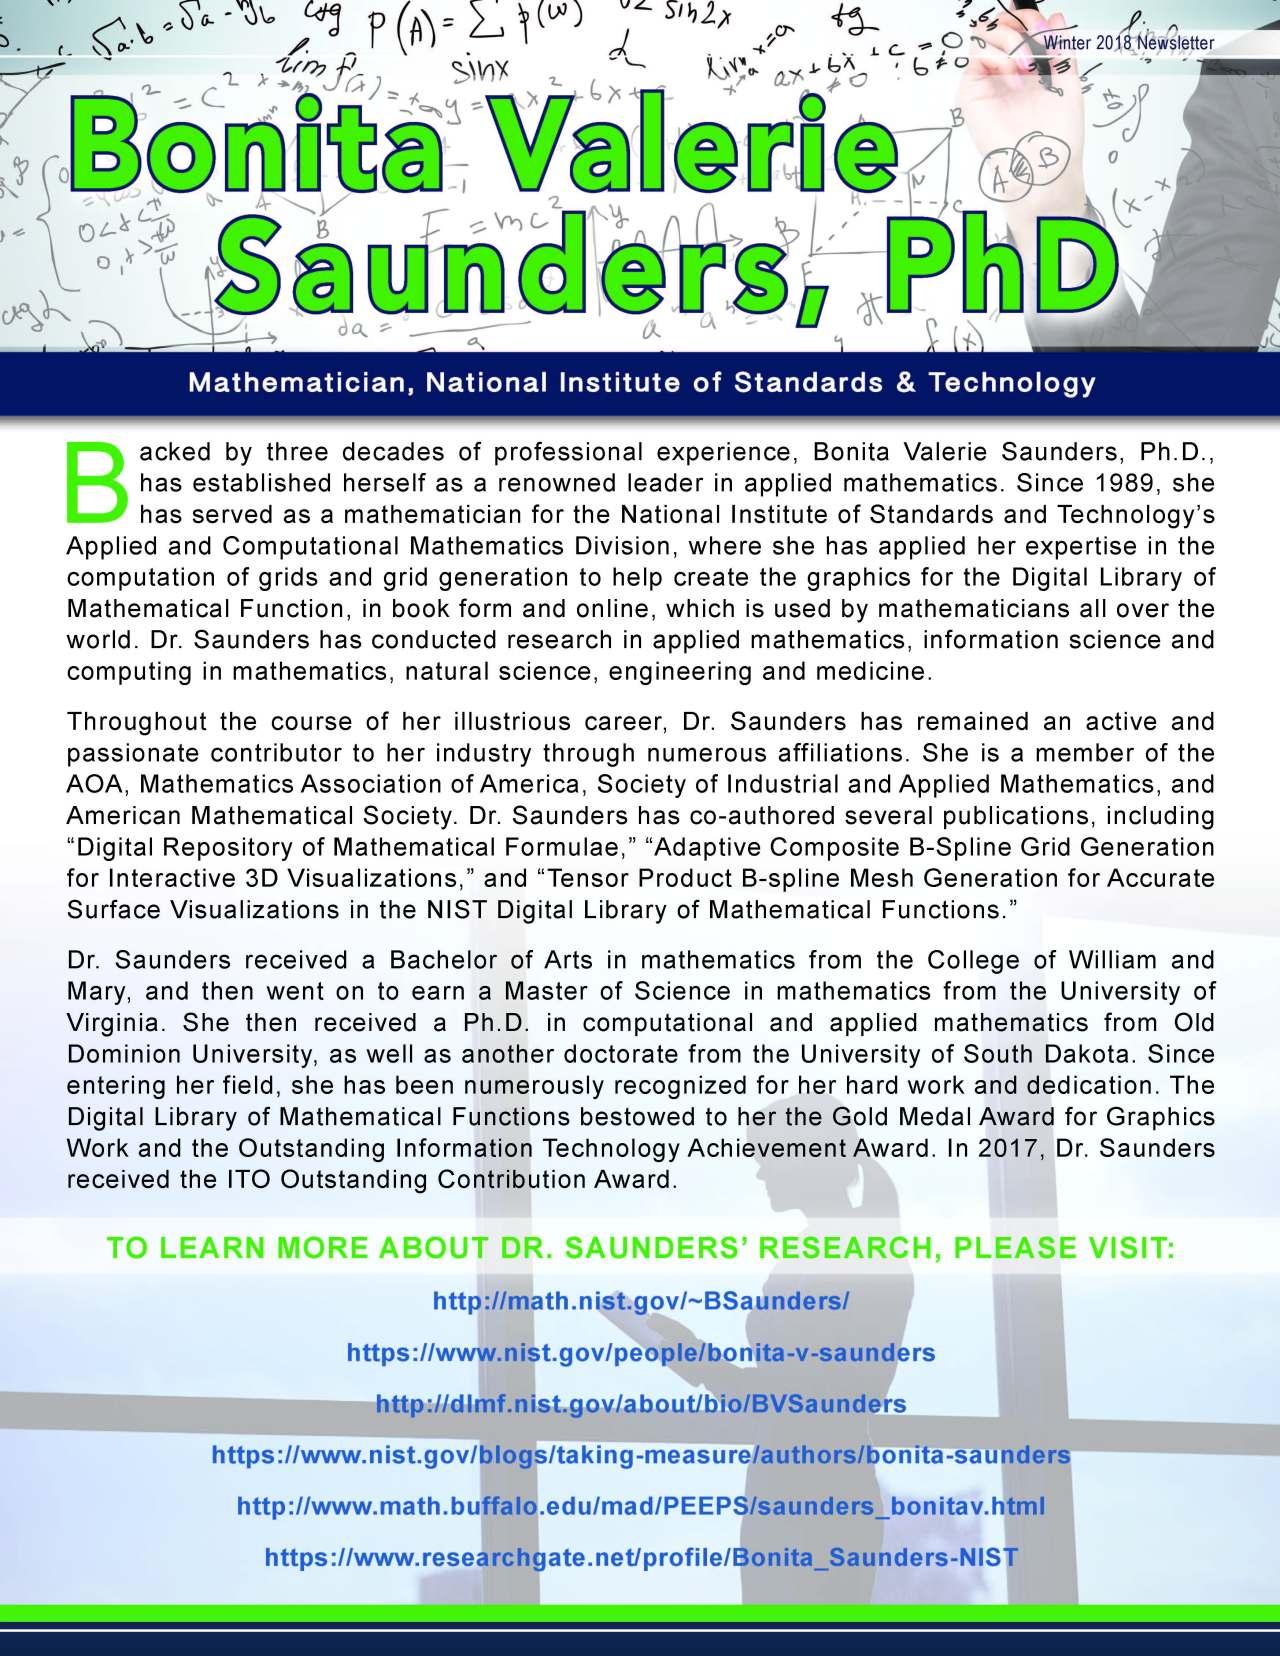 Saunders, Bonita 3705888_4003705888 Newsletter.jpg